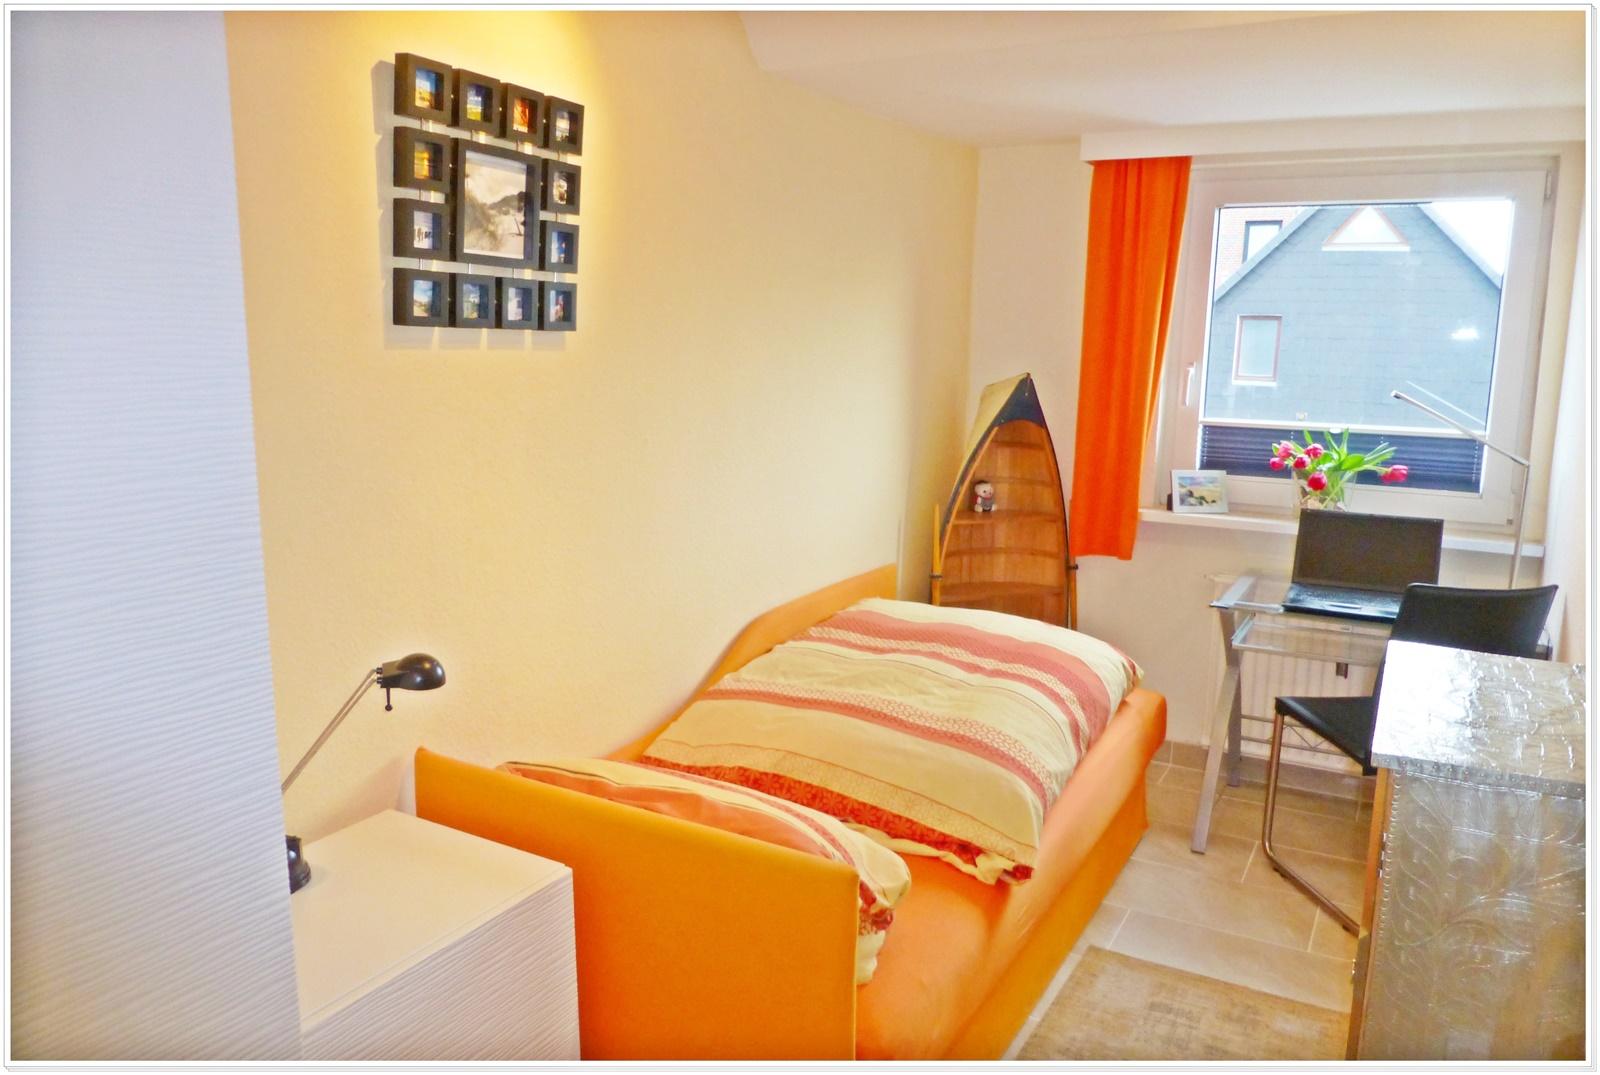 Moderne Ferienwohnung auf Sylt Sylter Deichwiesen www.sylter-deichwiesen.de mit 4 Zimmern und Garten für 4 bis 5 Personen